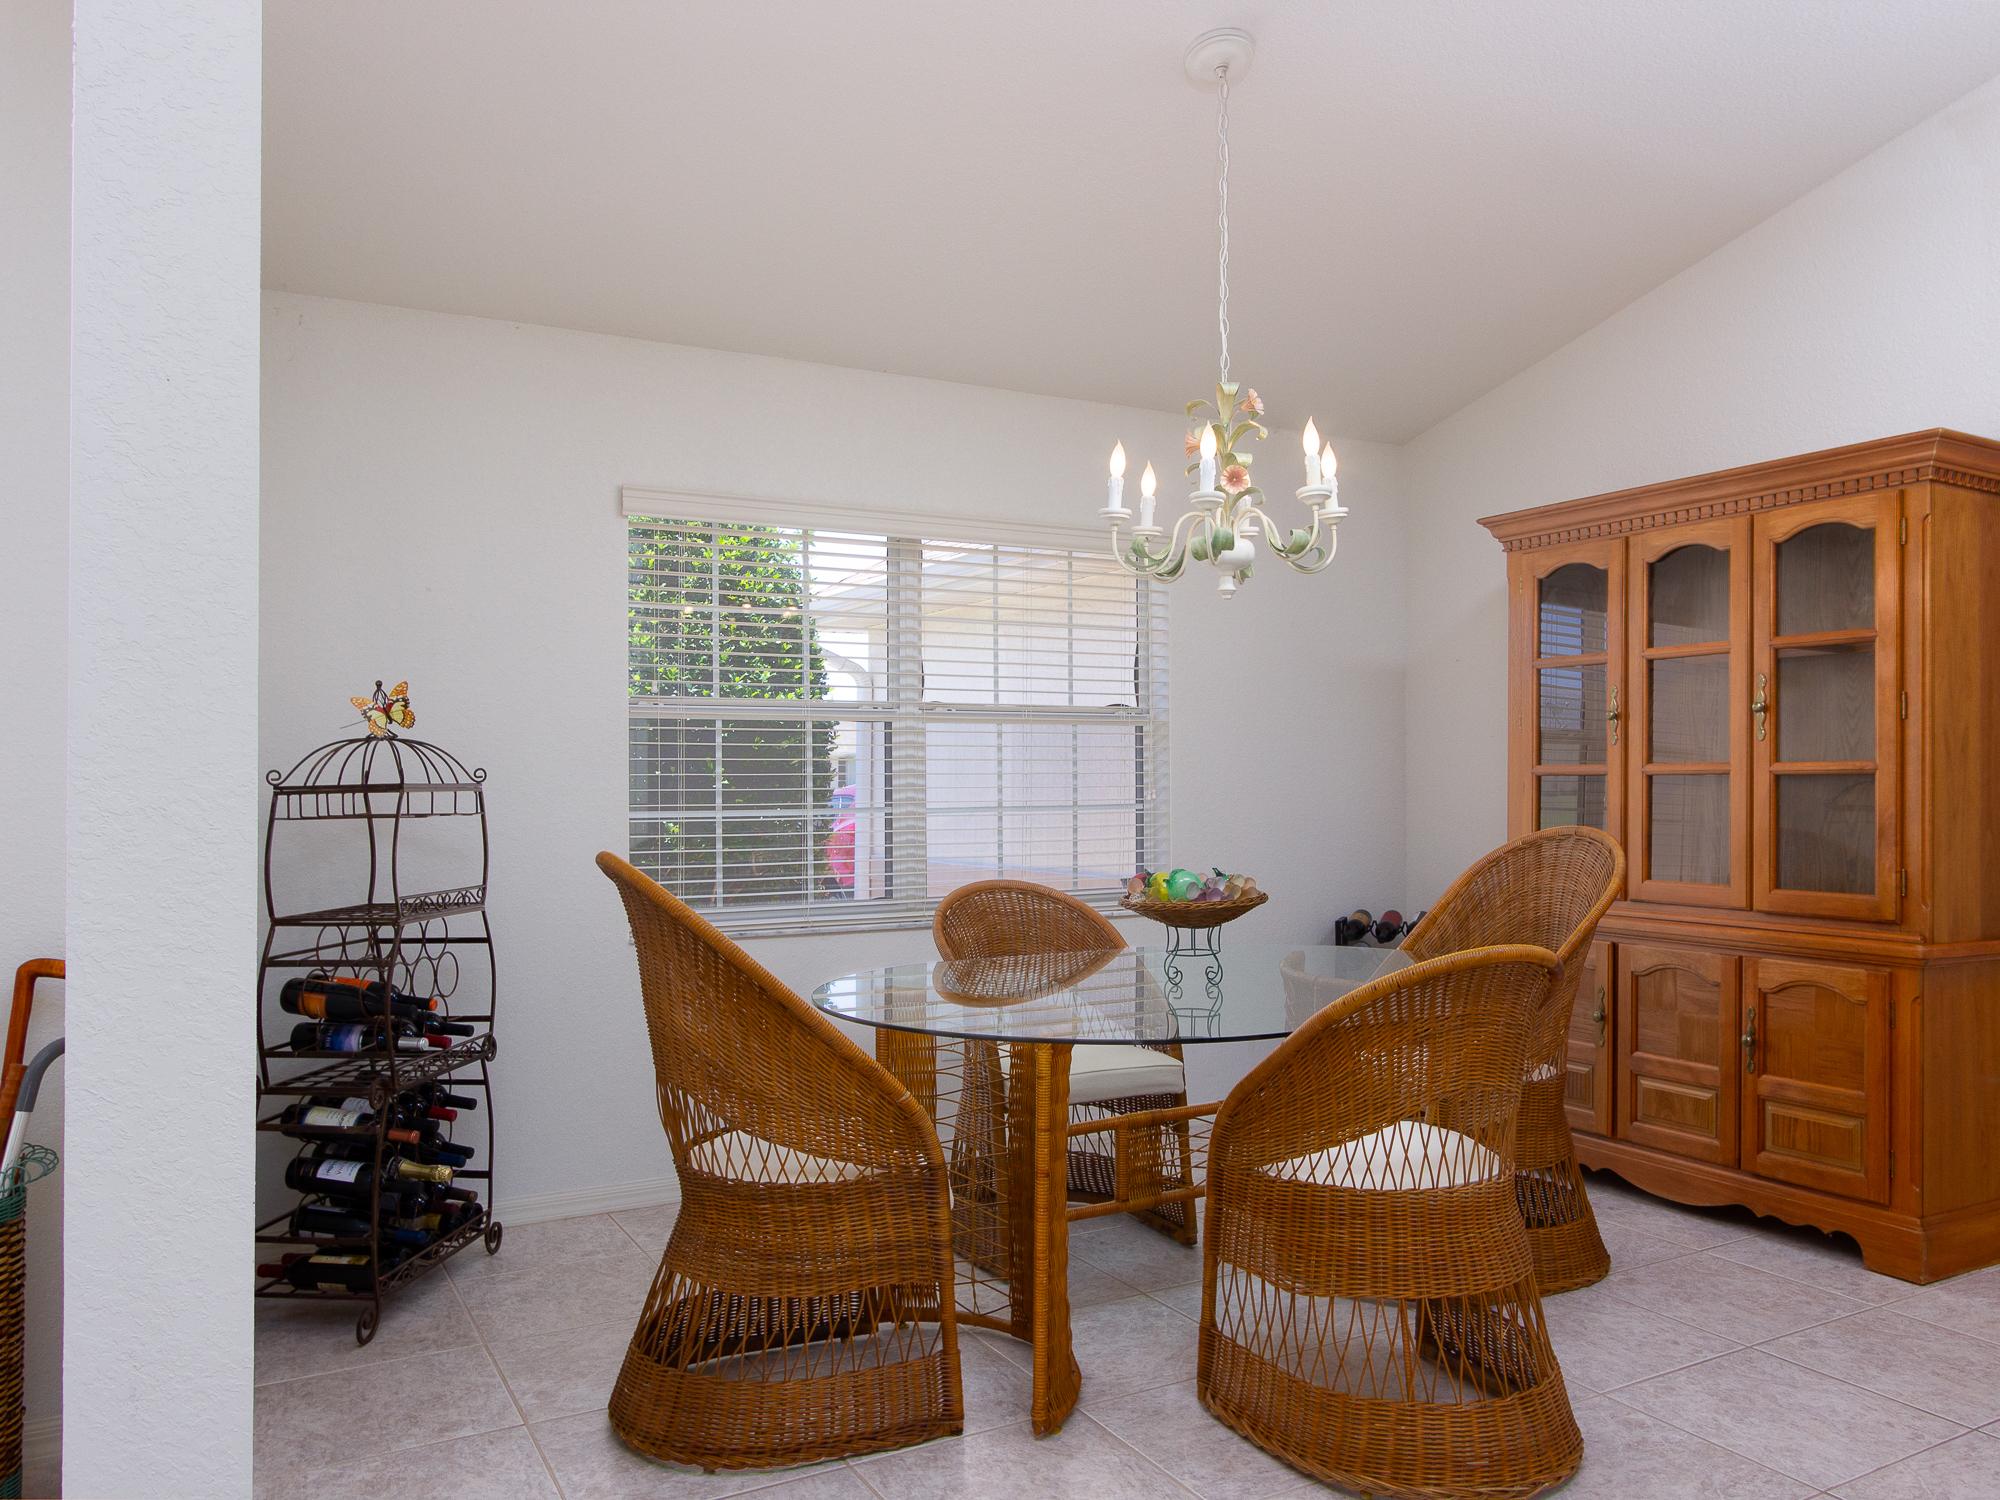 17431-SE-110th-Terrace-Summerfield-FL-34491-124-of-39